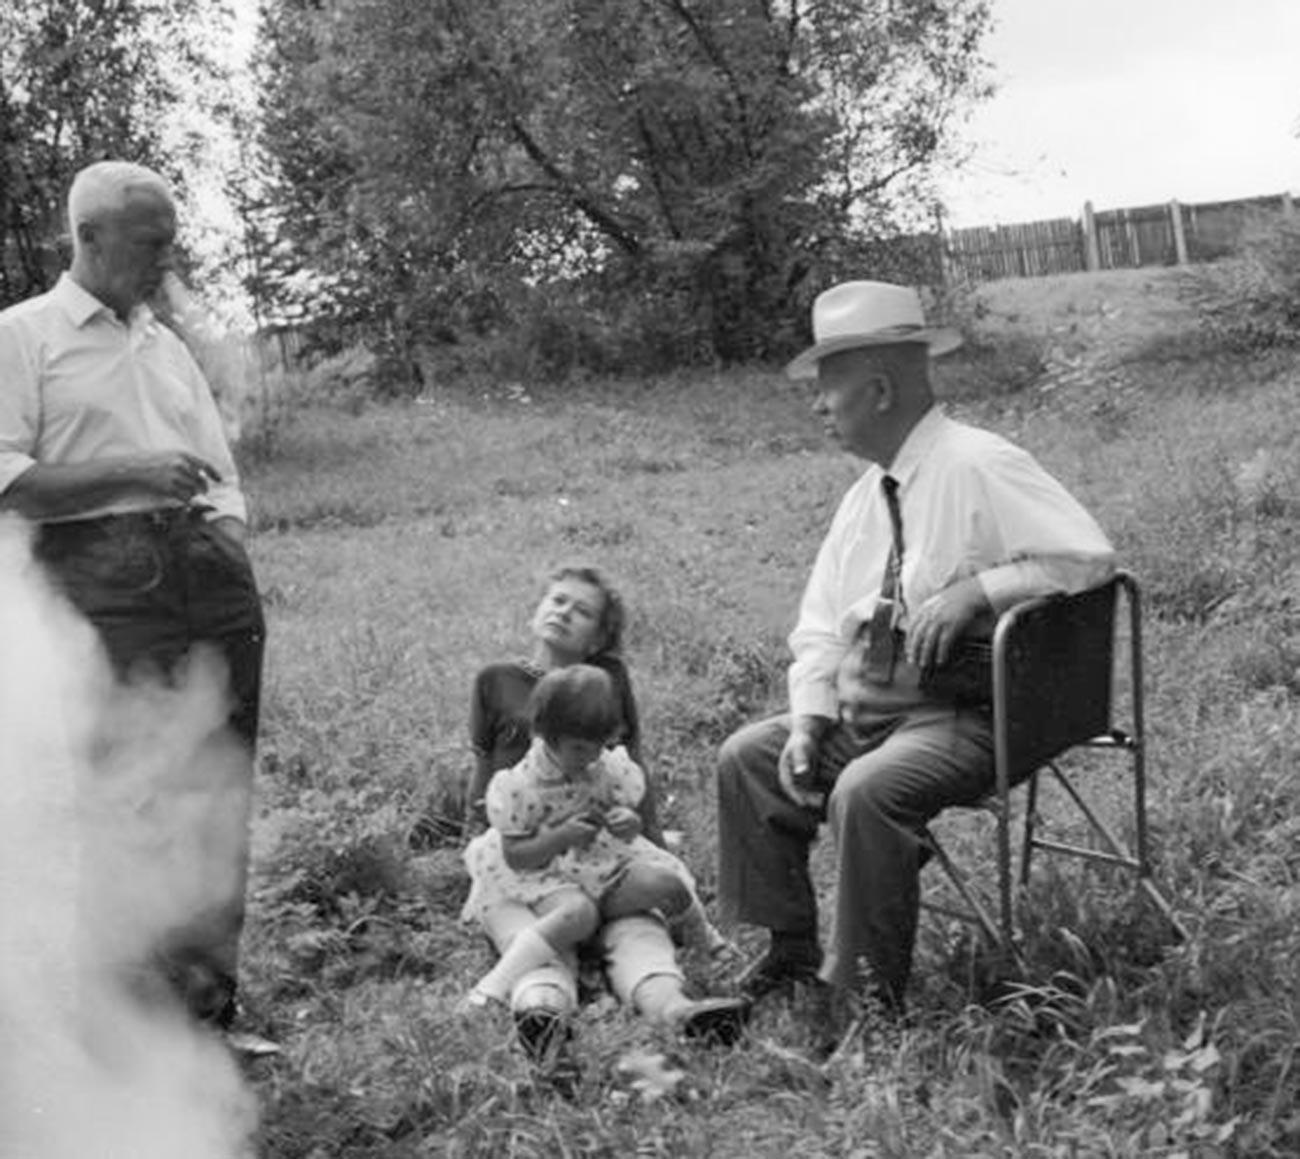 Никита Хрущев, Роман Кармен и неизвестная женщина с ребенком.